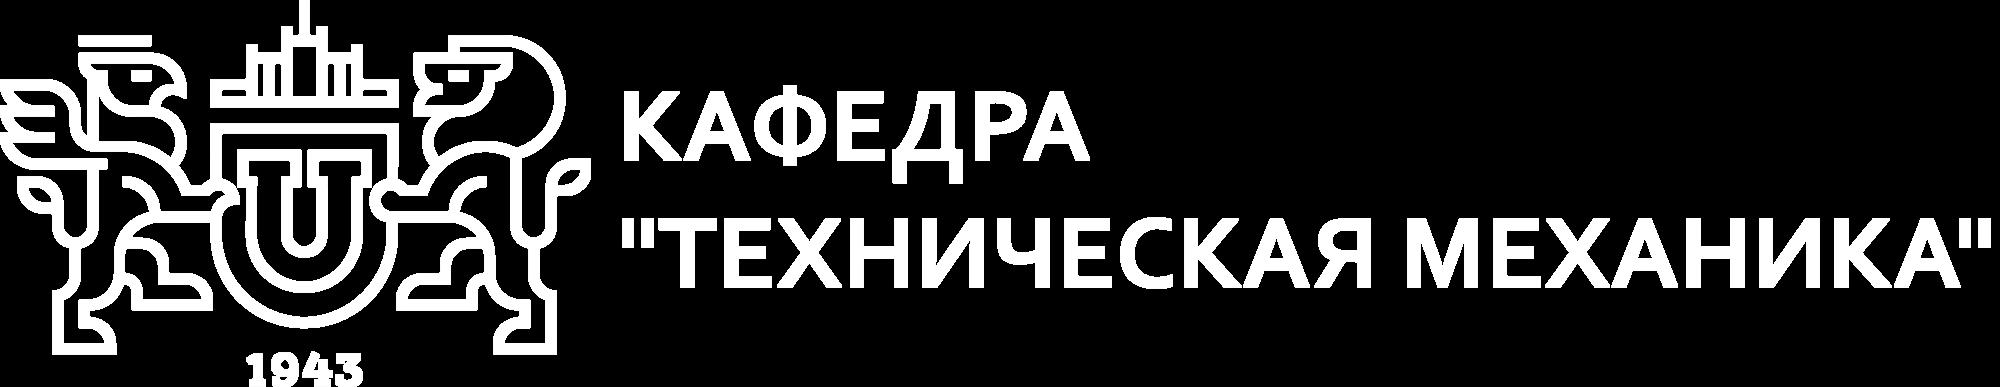 Кафедра технической механики ЮУрГУ